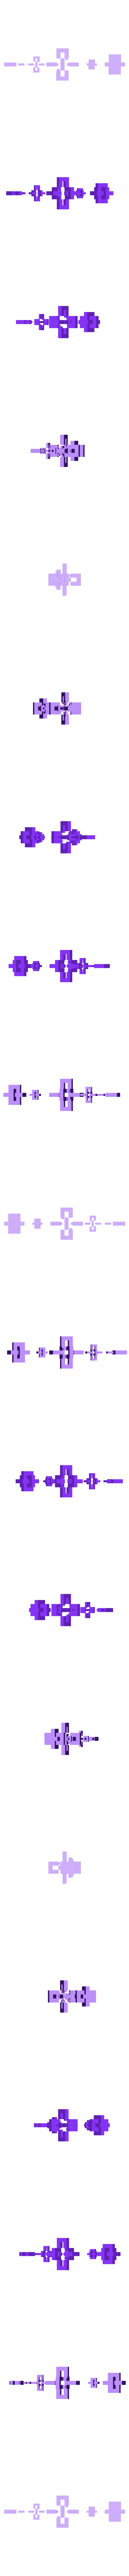 Fe42f74c 6e1e 44d3 90f8 186042f7ed06